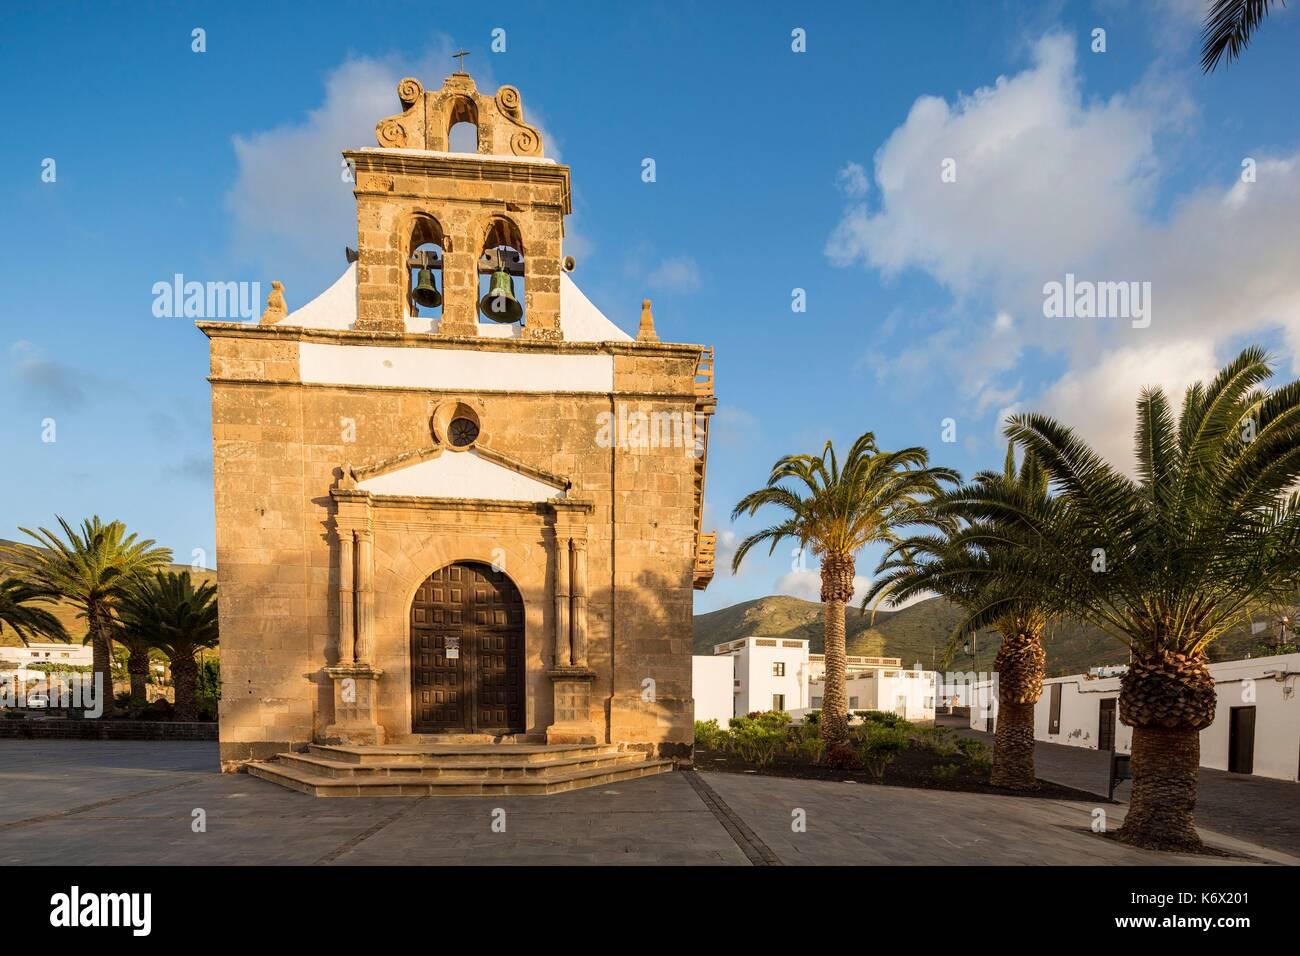 Spain Canary Islands Fuerteventura Island Vega De Rio Palmas